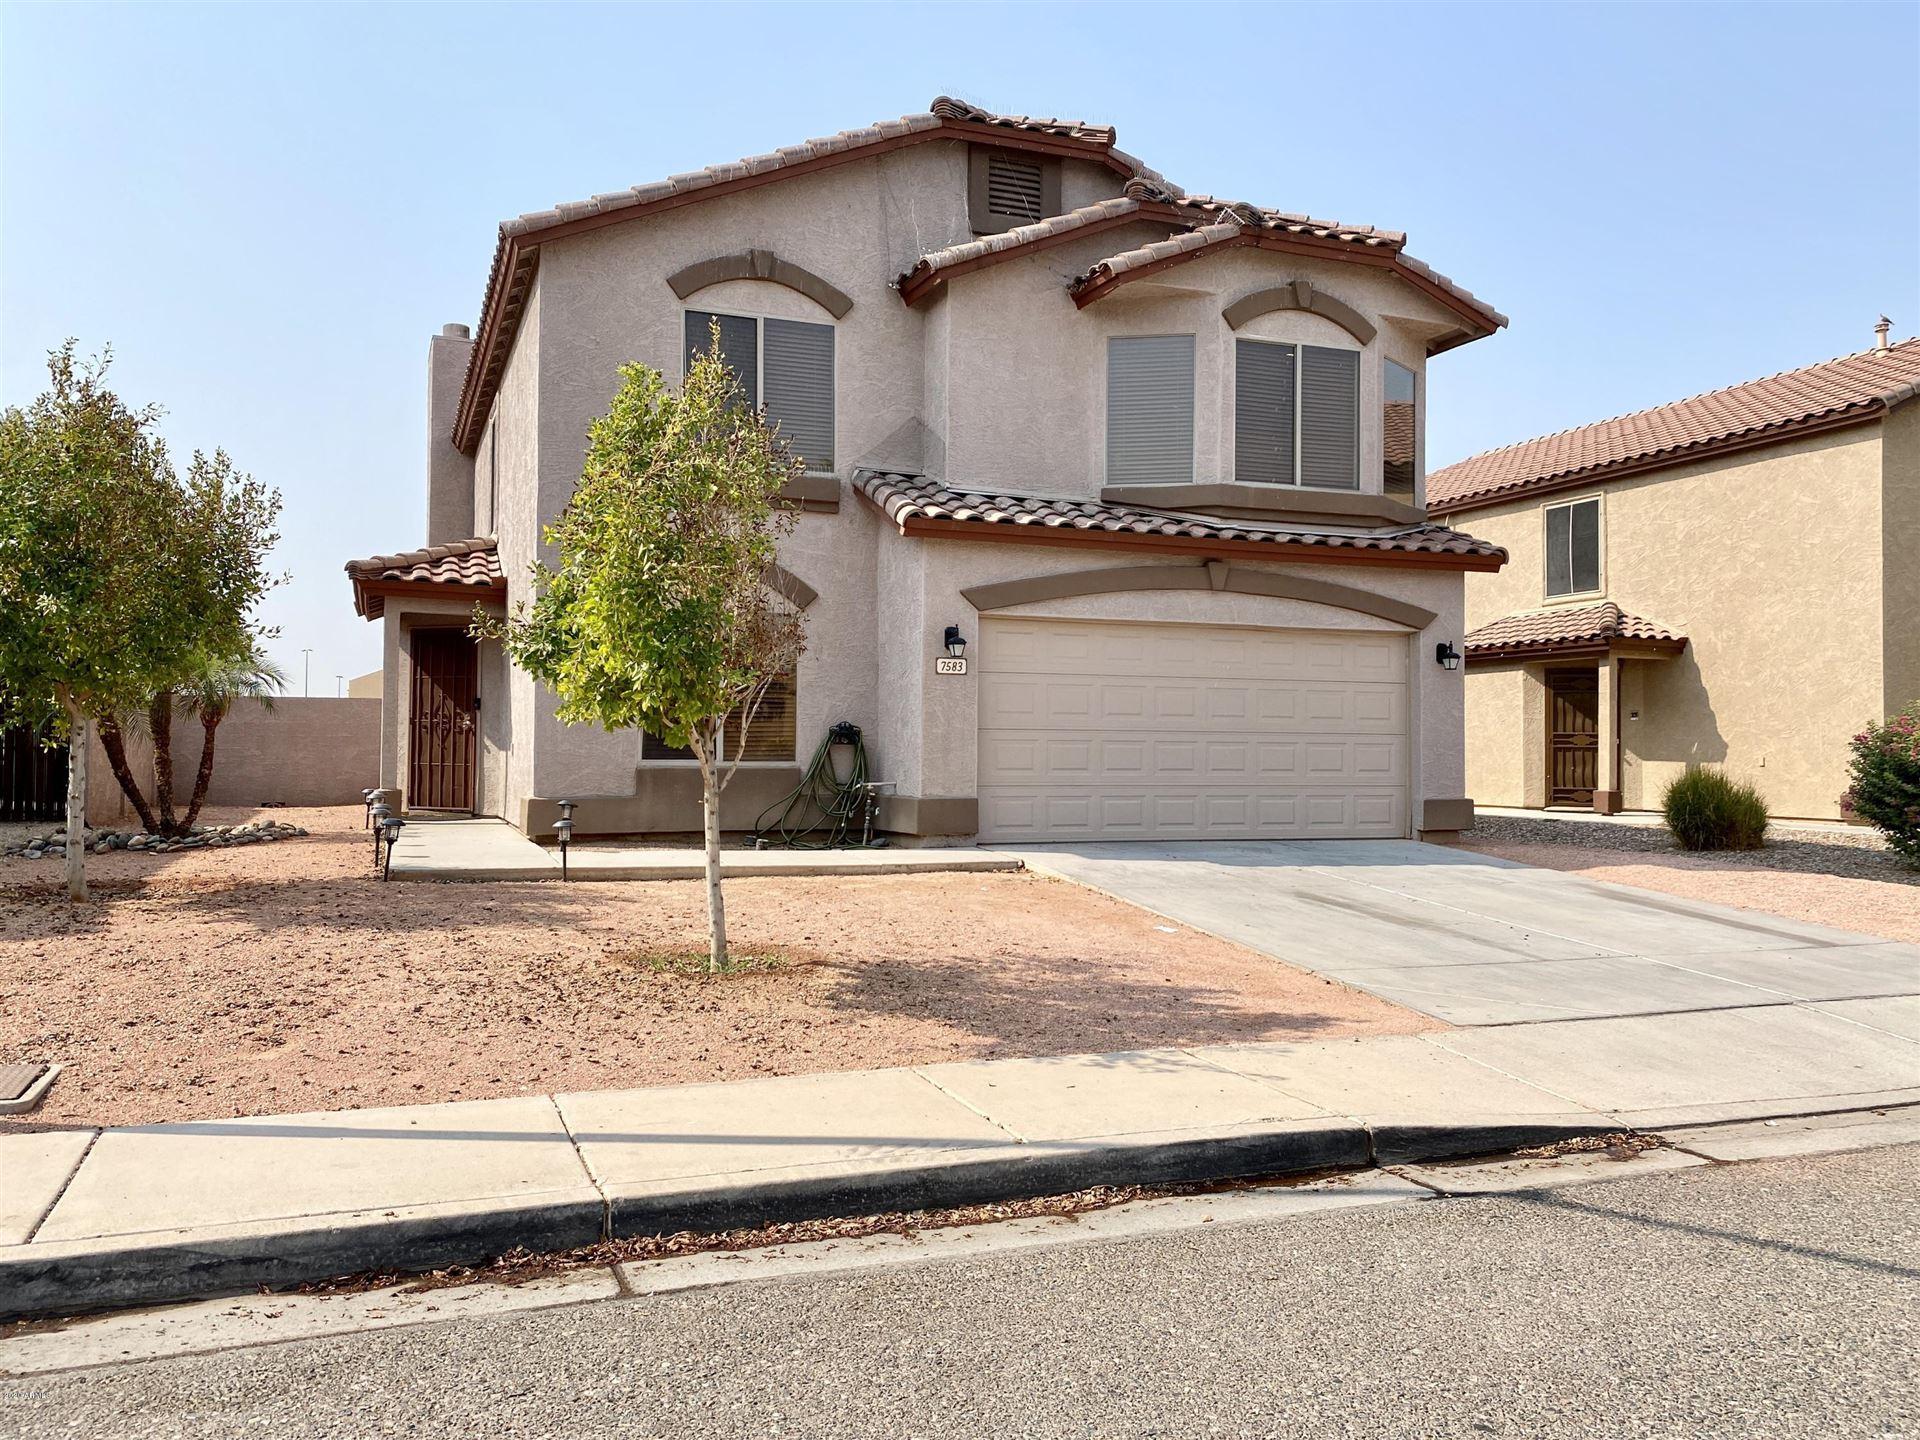 7583 W KRALL Street, Glendale, AZ 85303 - #: 6123673